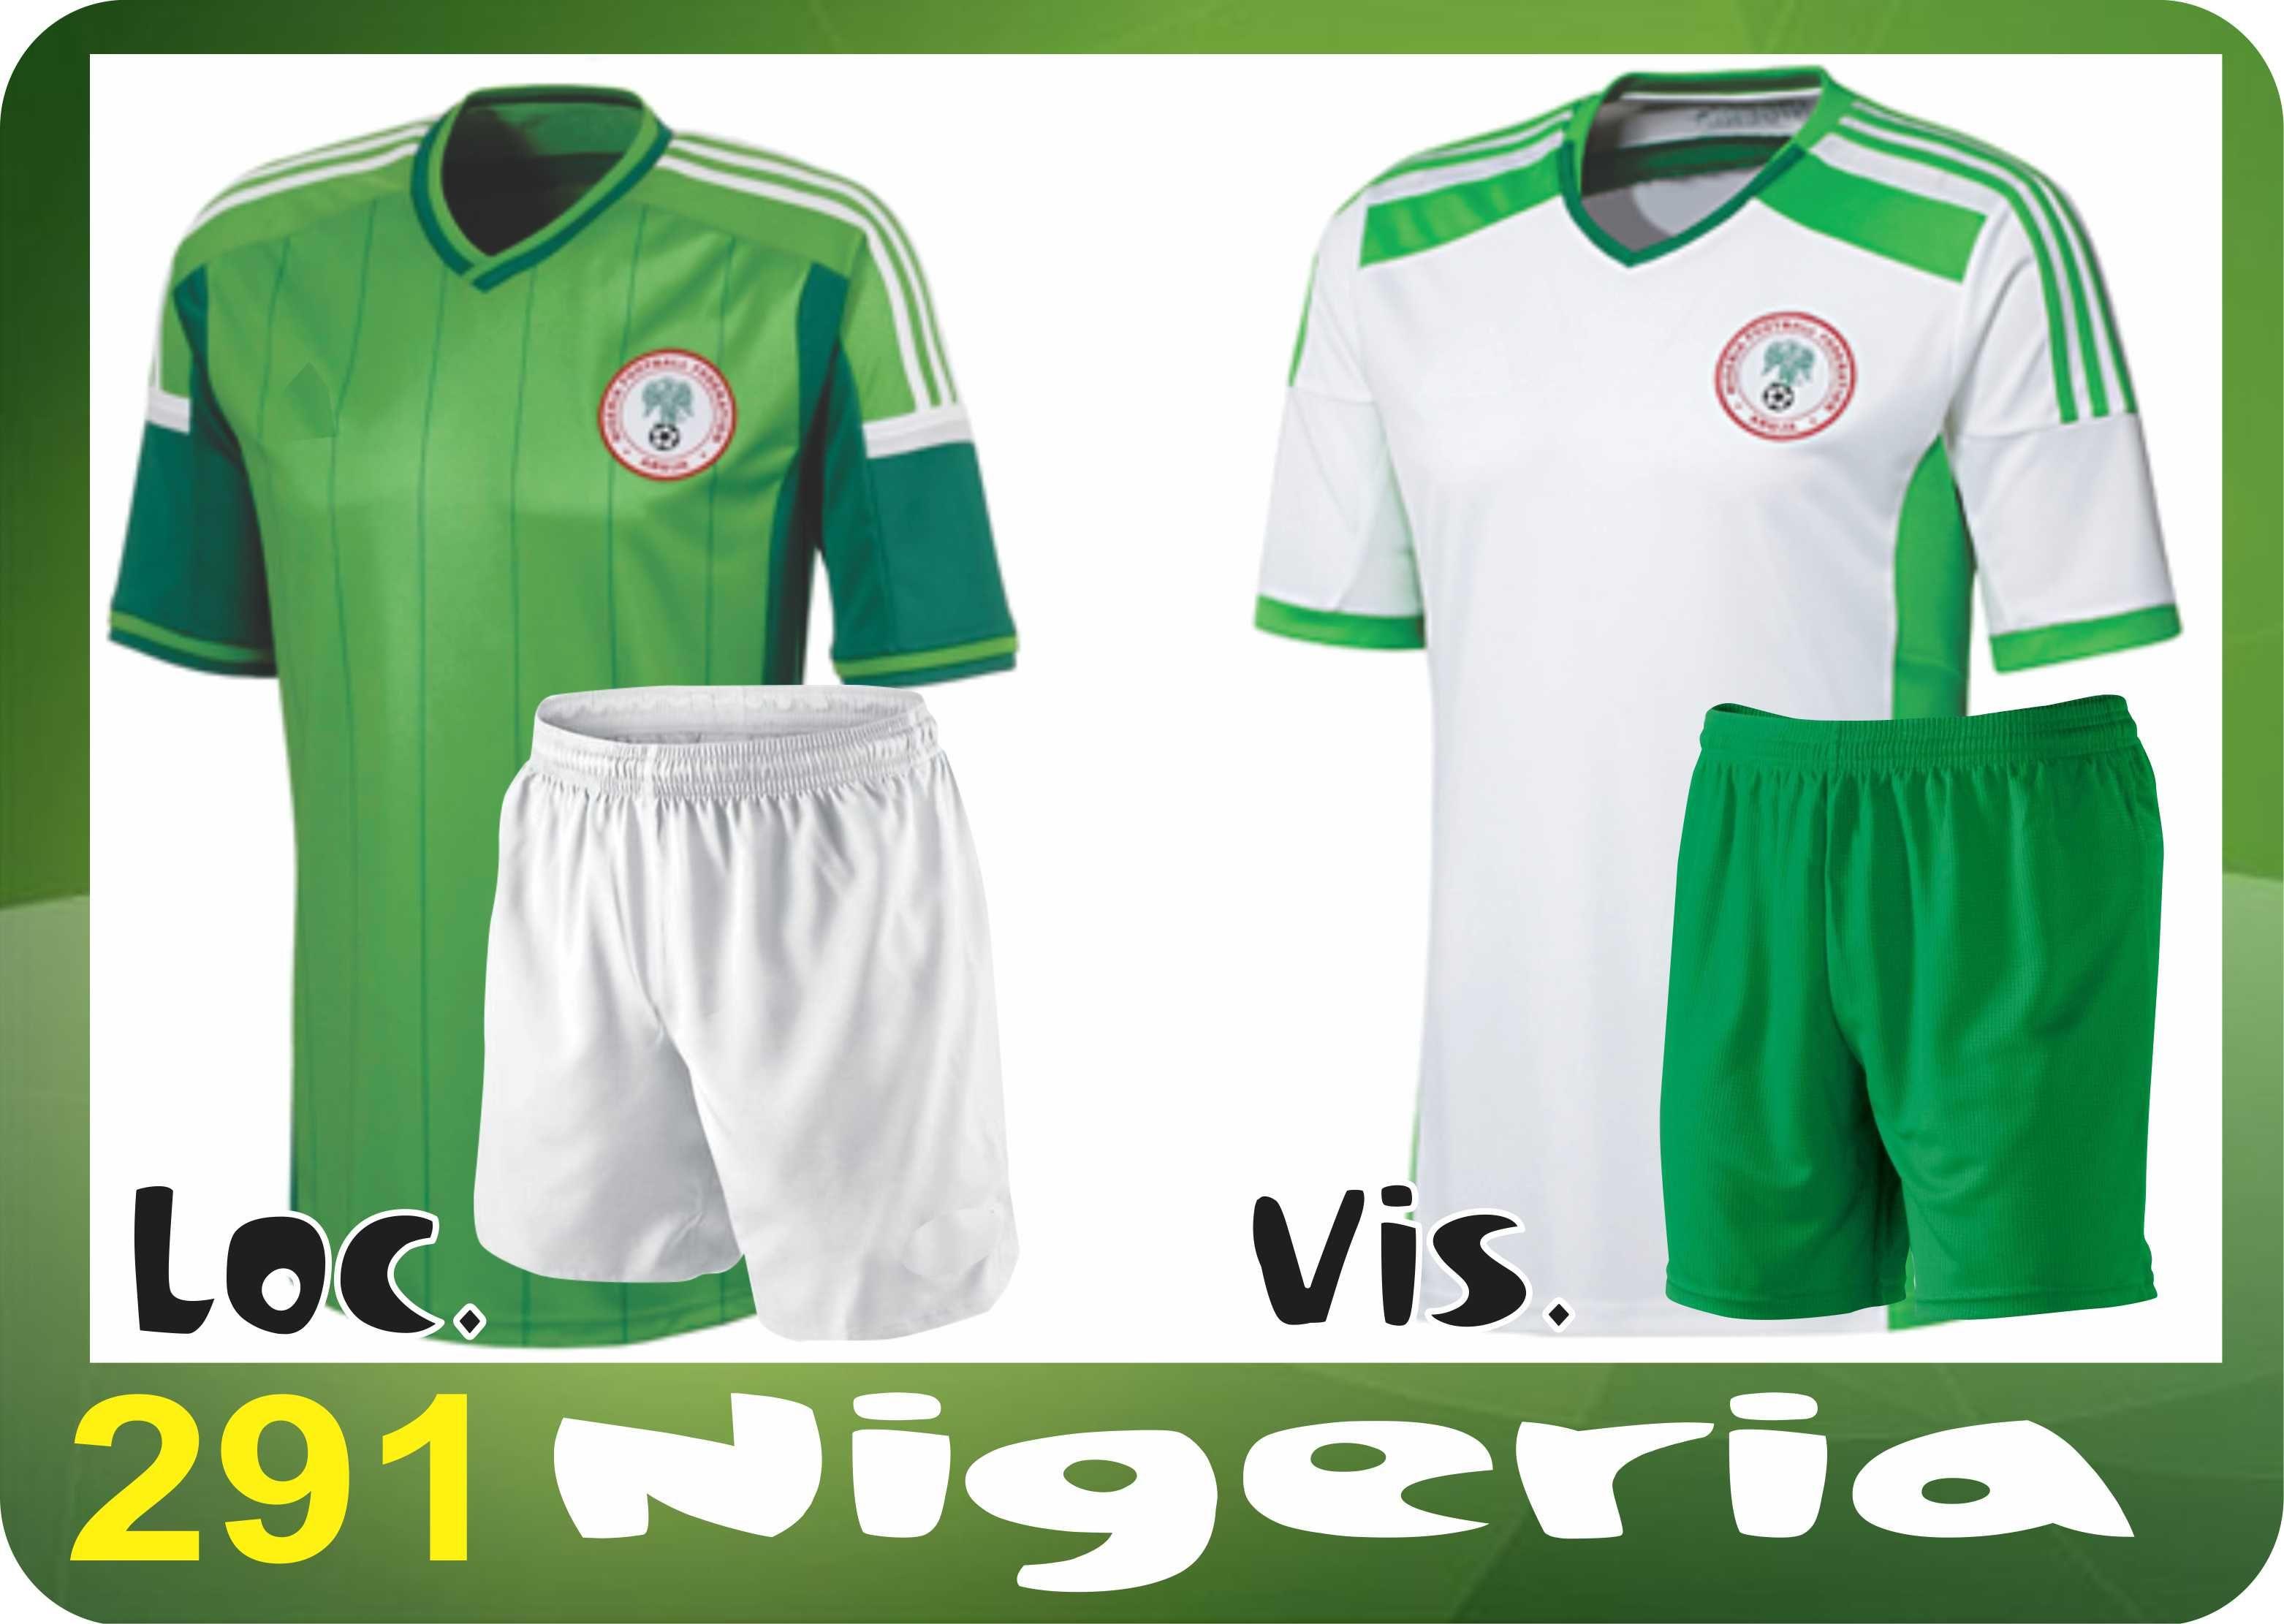 UNIFORME SOCCER DRI FIT. Mod. 291 NIGERIA. Encuentra este Pin y muchos más  en Uniformes Futbol ... 63e2040591d